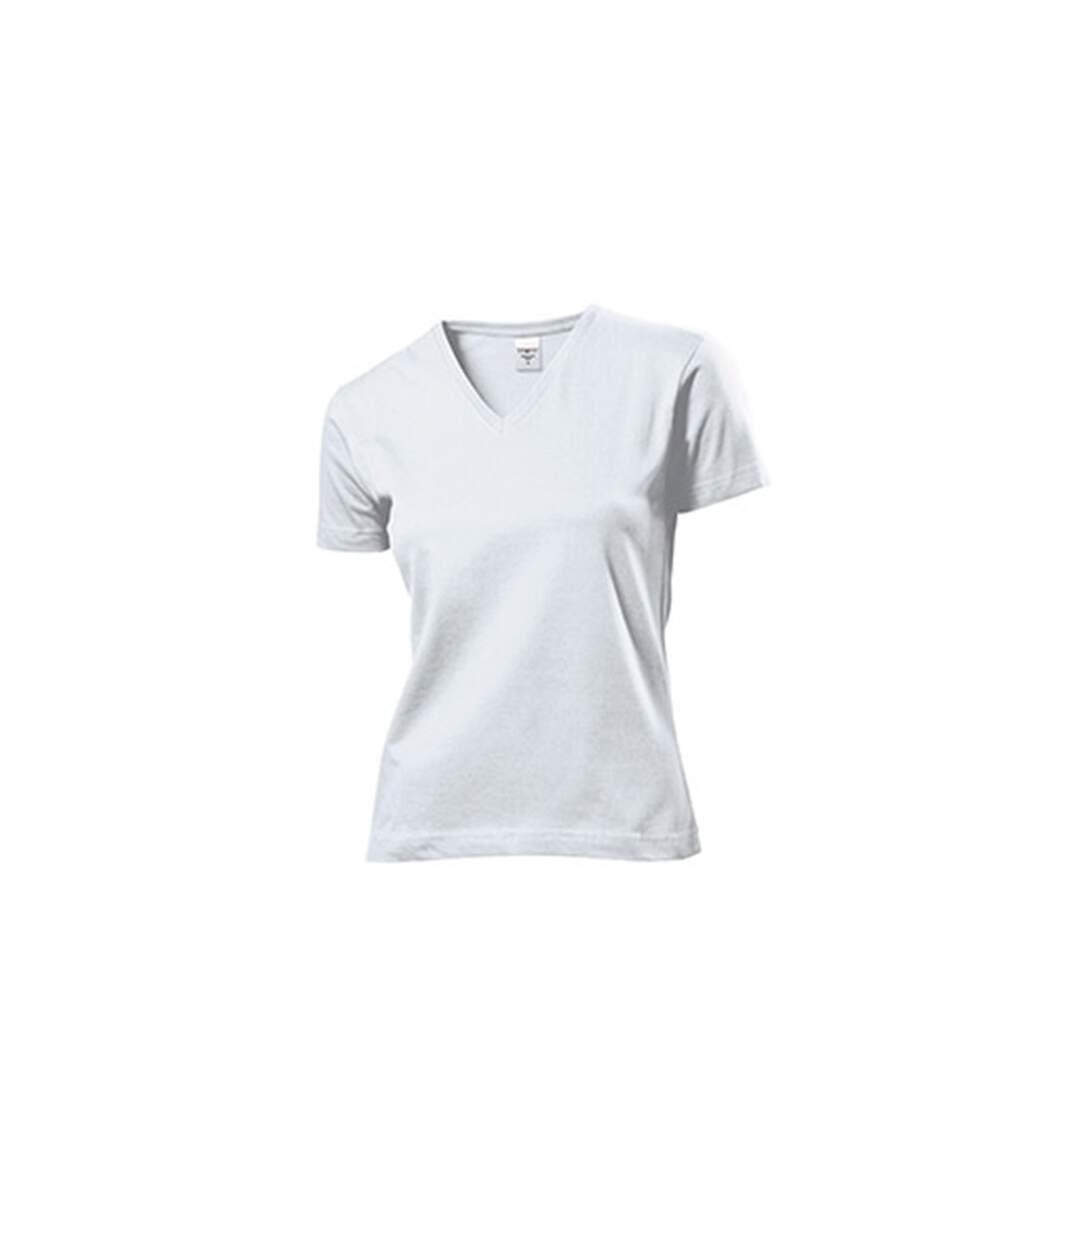 Stedman - T-Shirt Col V - Femme (Blanc) - UTAB279